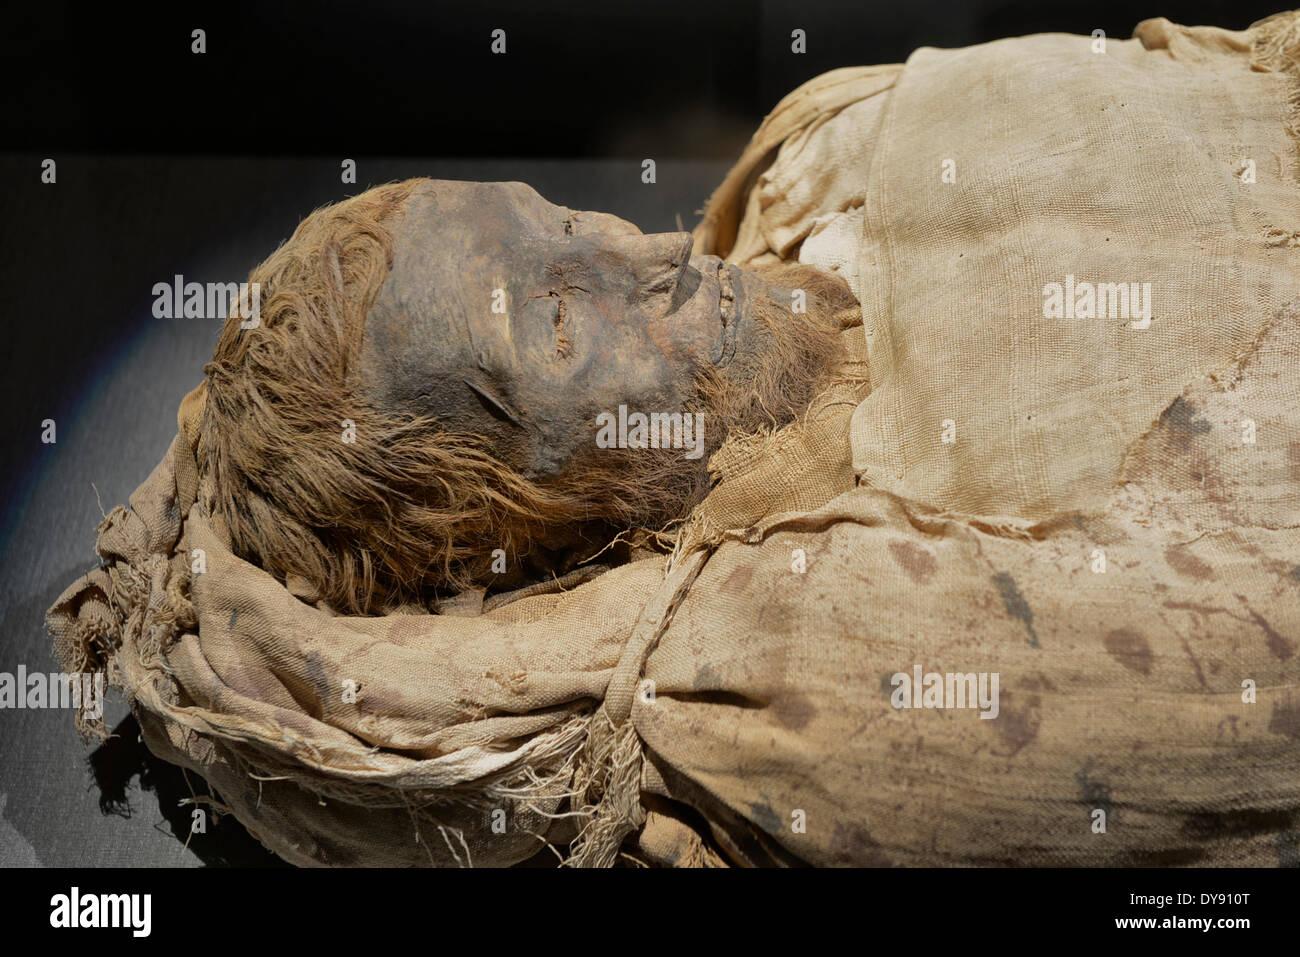 Stati Uniti d'America Stati Uniti America Texas Houston Museo di Scienza Naturale Museo di Scienza Naturale Hall dell antico Egitto mummia Egitto Immagini Stock